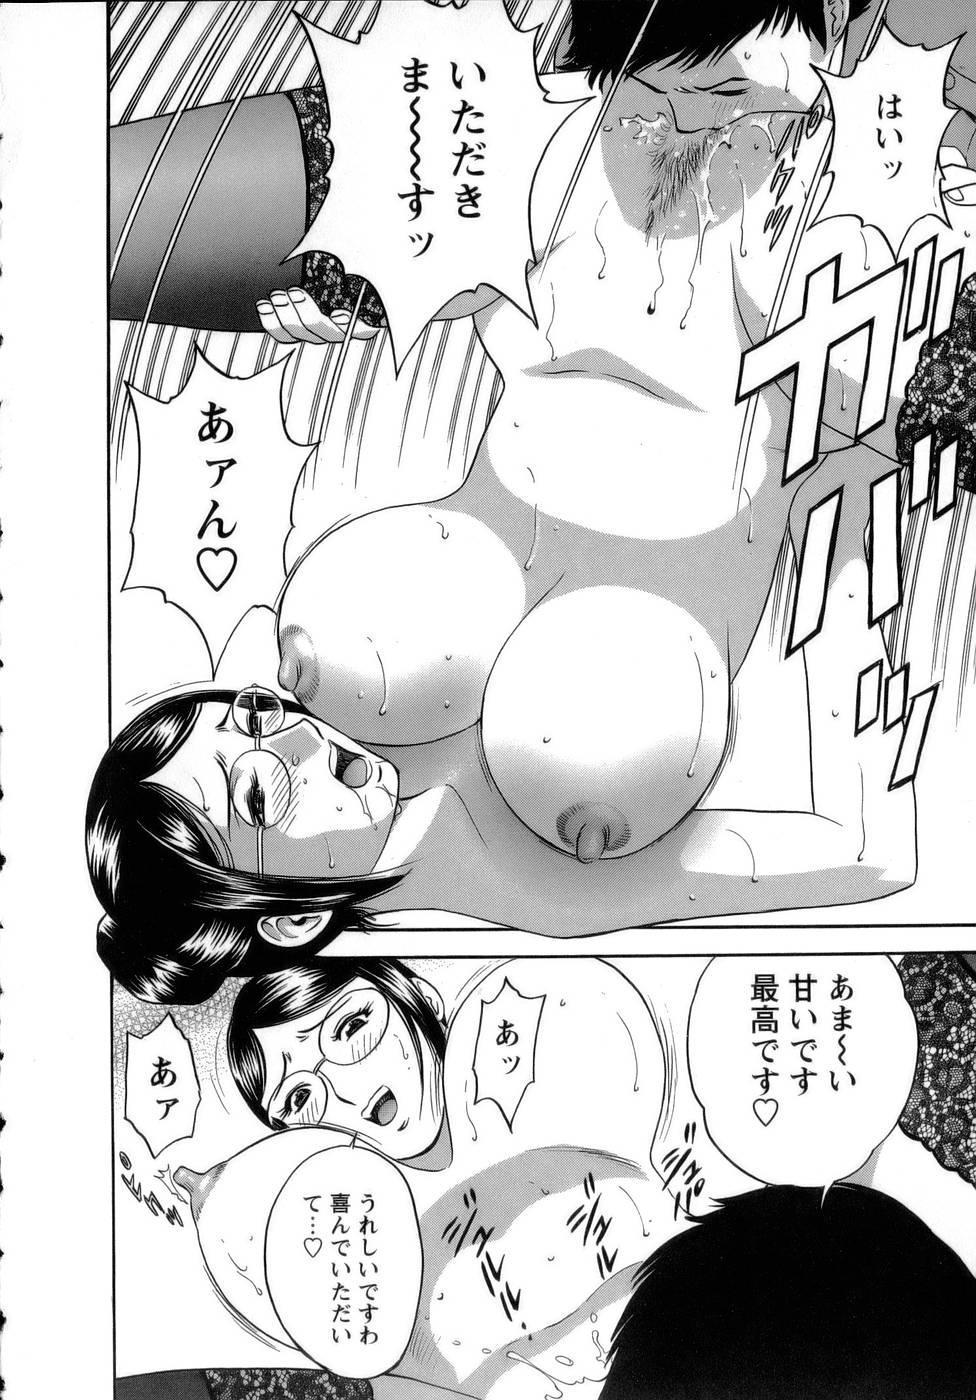 [Hidemaru] Mo-Retsu! Boin Sensei (Boing Boing Teacher) Vol.1 147